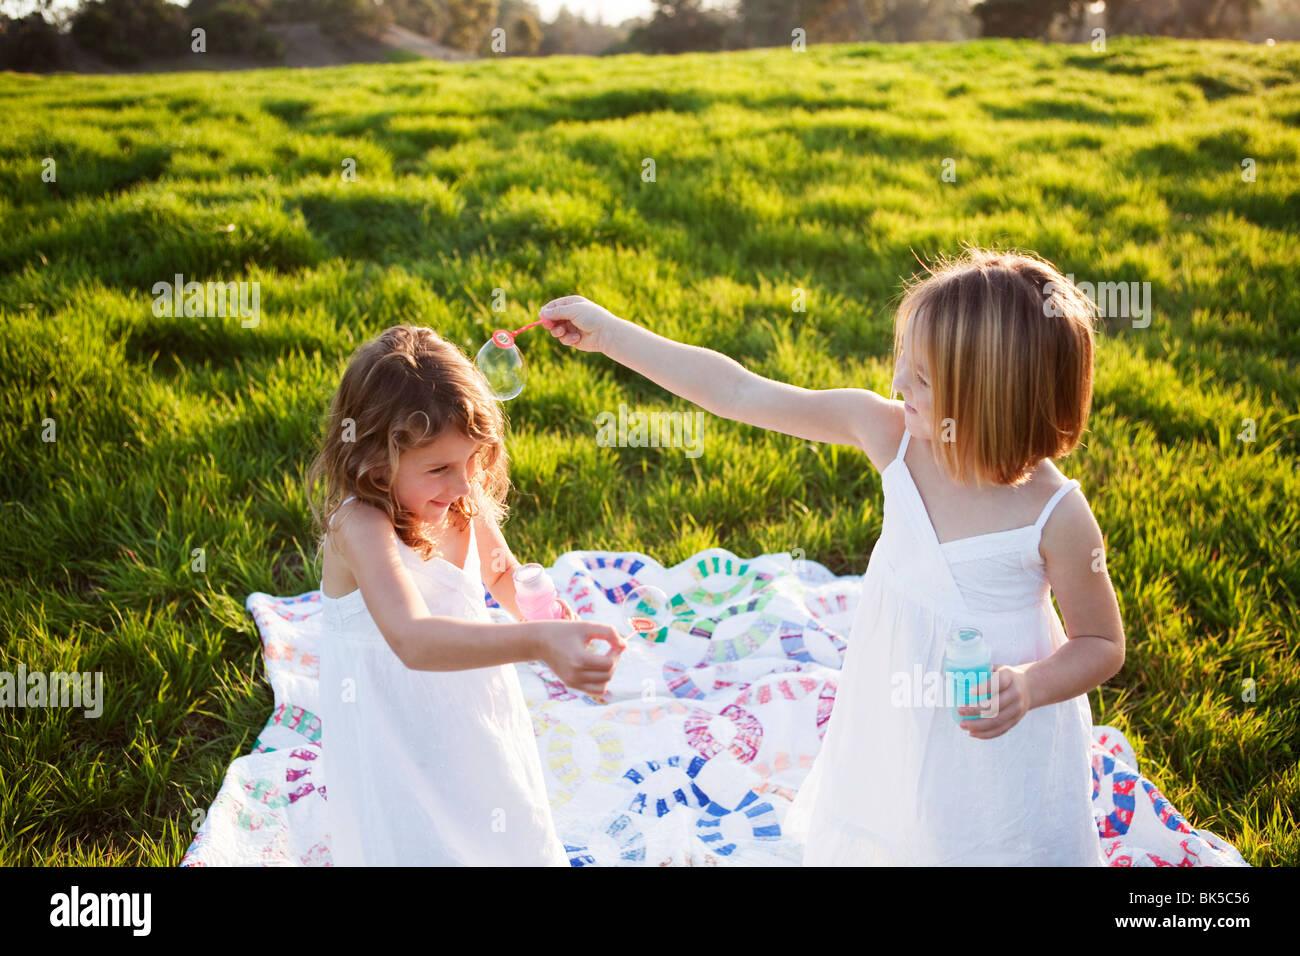 Les filles on picnic blanket jouant avec des bulles Photo Stock